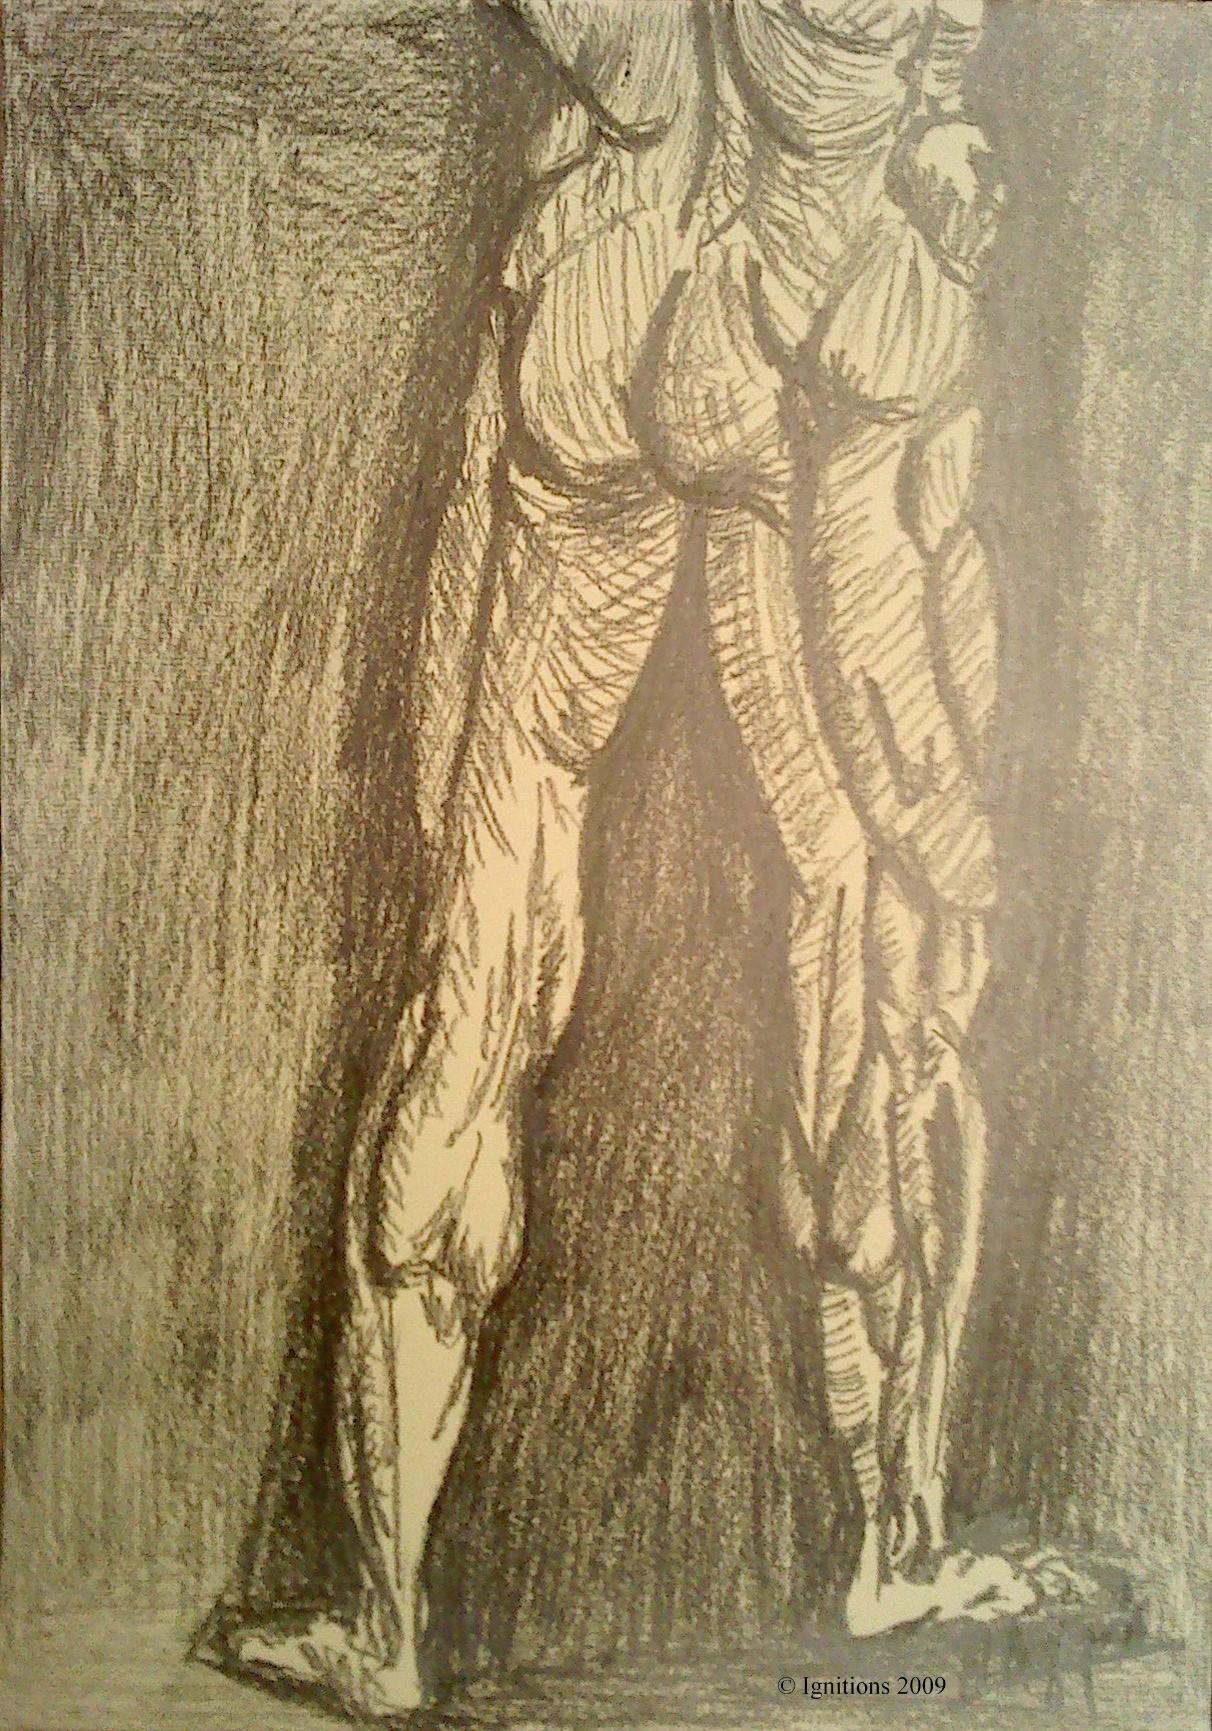 Etude d'un soldat nu de Leonardo da Vinci.